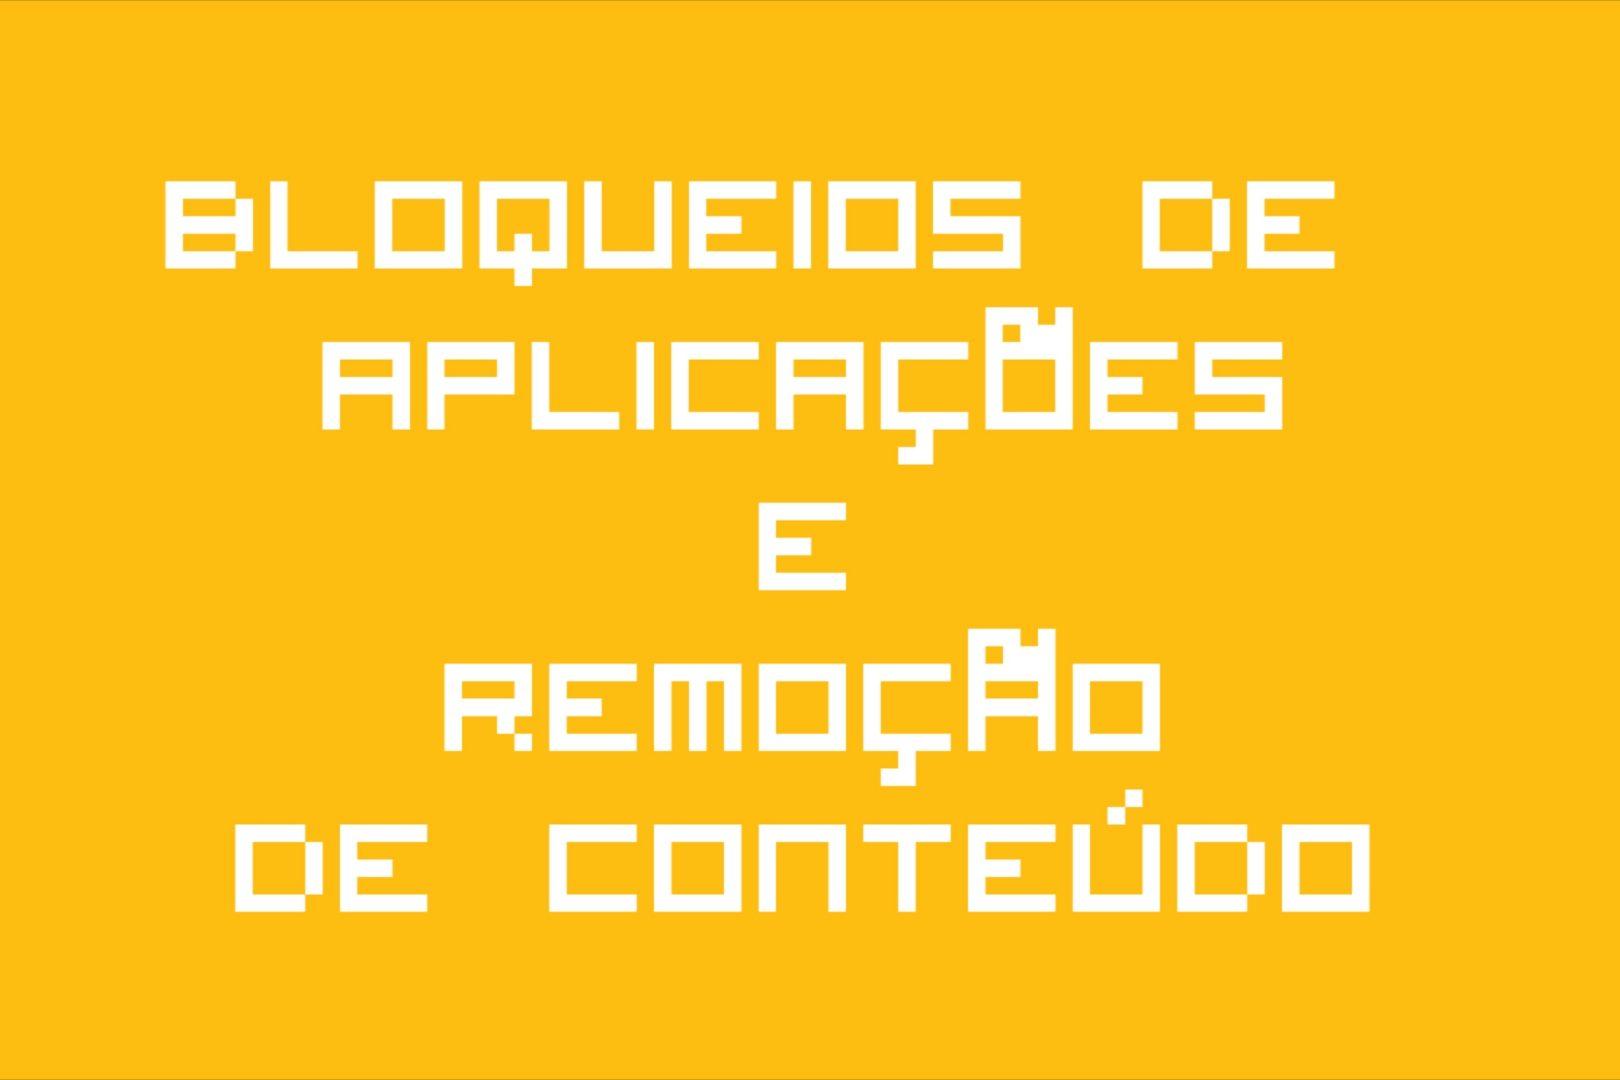 Bloqueios de Aplicações, Remoção de Conteúdo